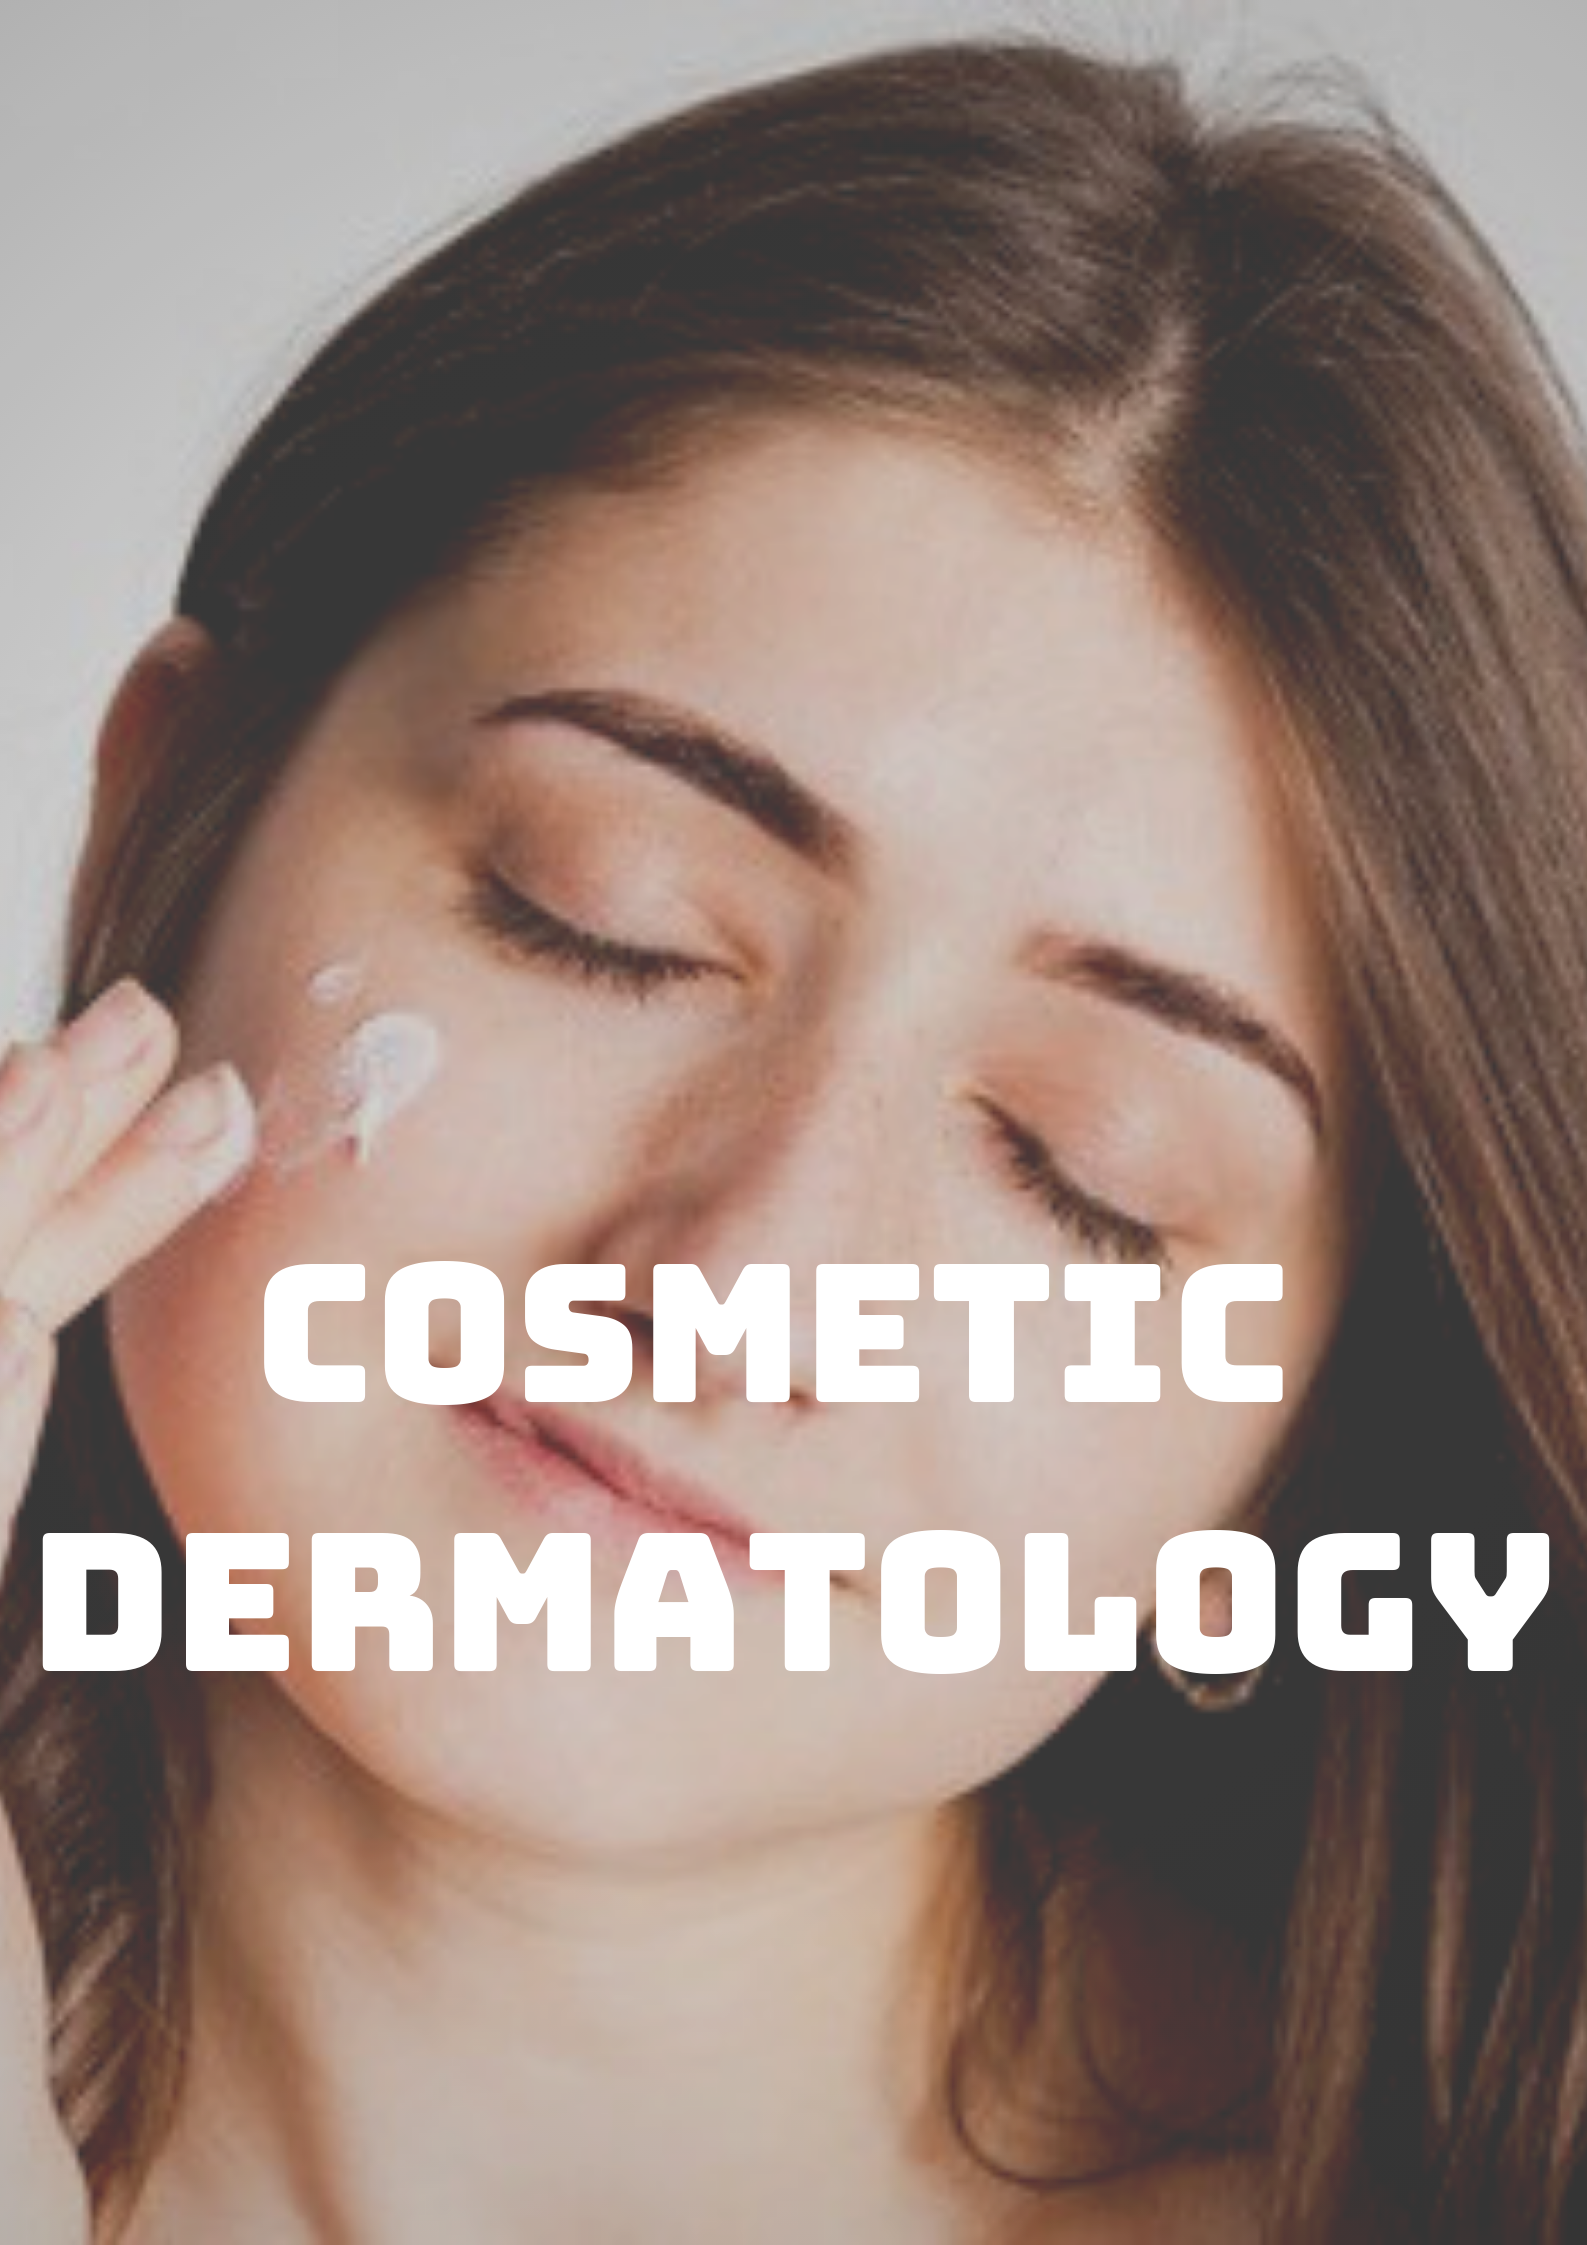 Cosmetic Dermatology Photo